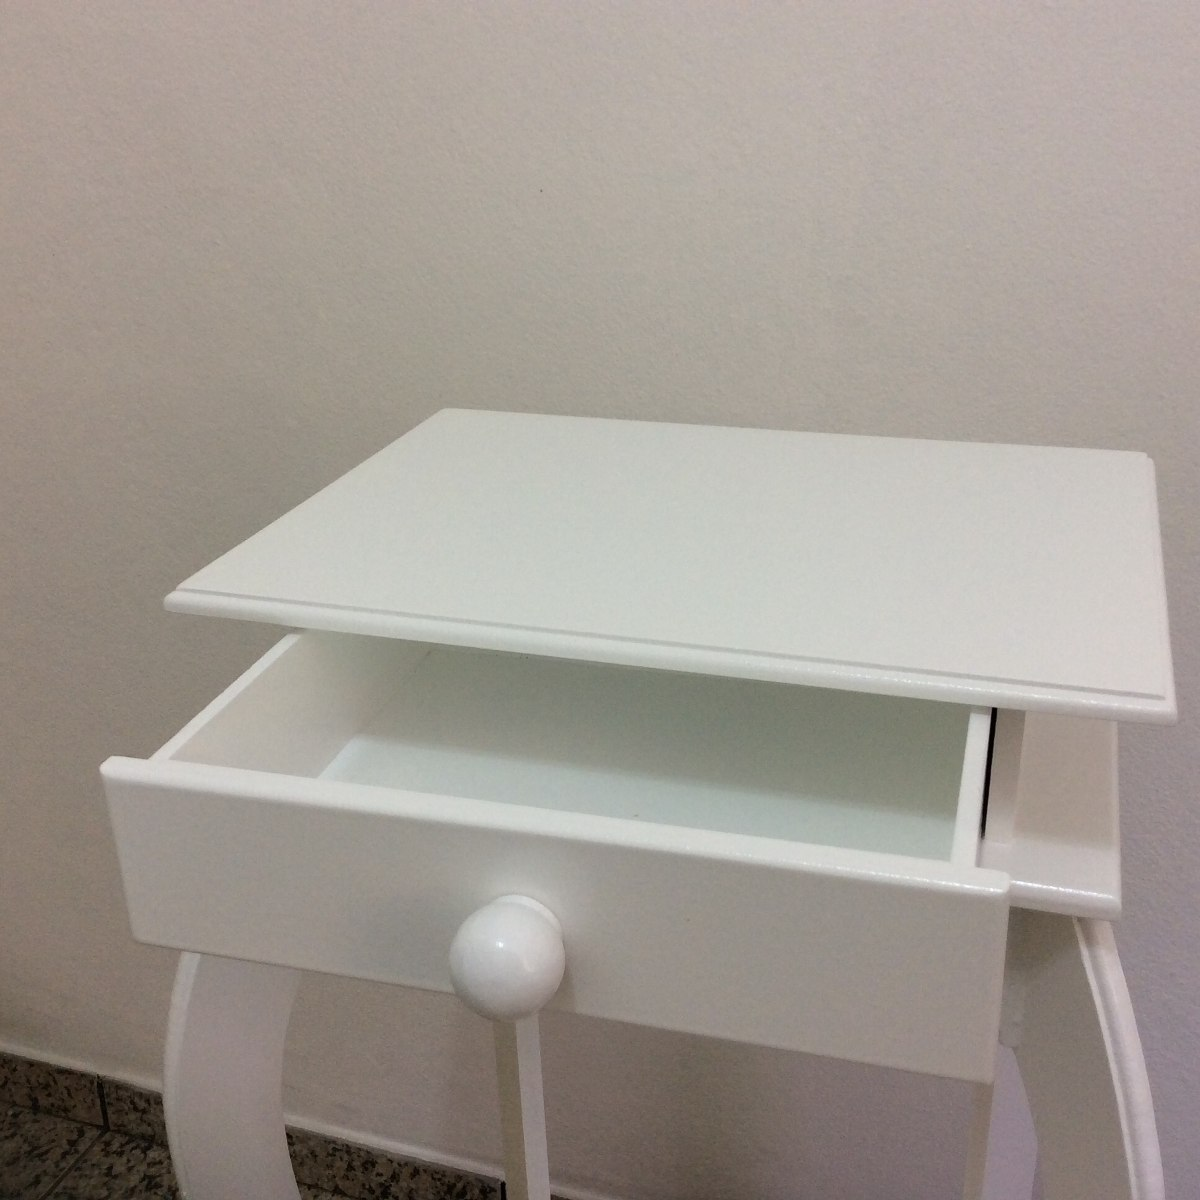 Aparador Sofa ~ Criado Mudo Aparador Provençal Mdf 1gaveta branco R$ 179